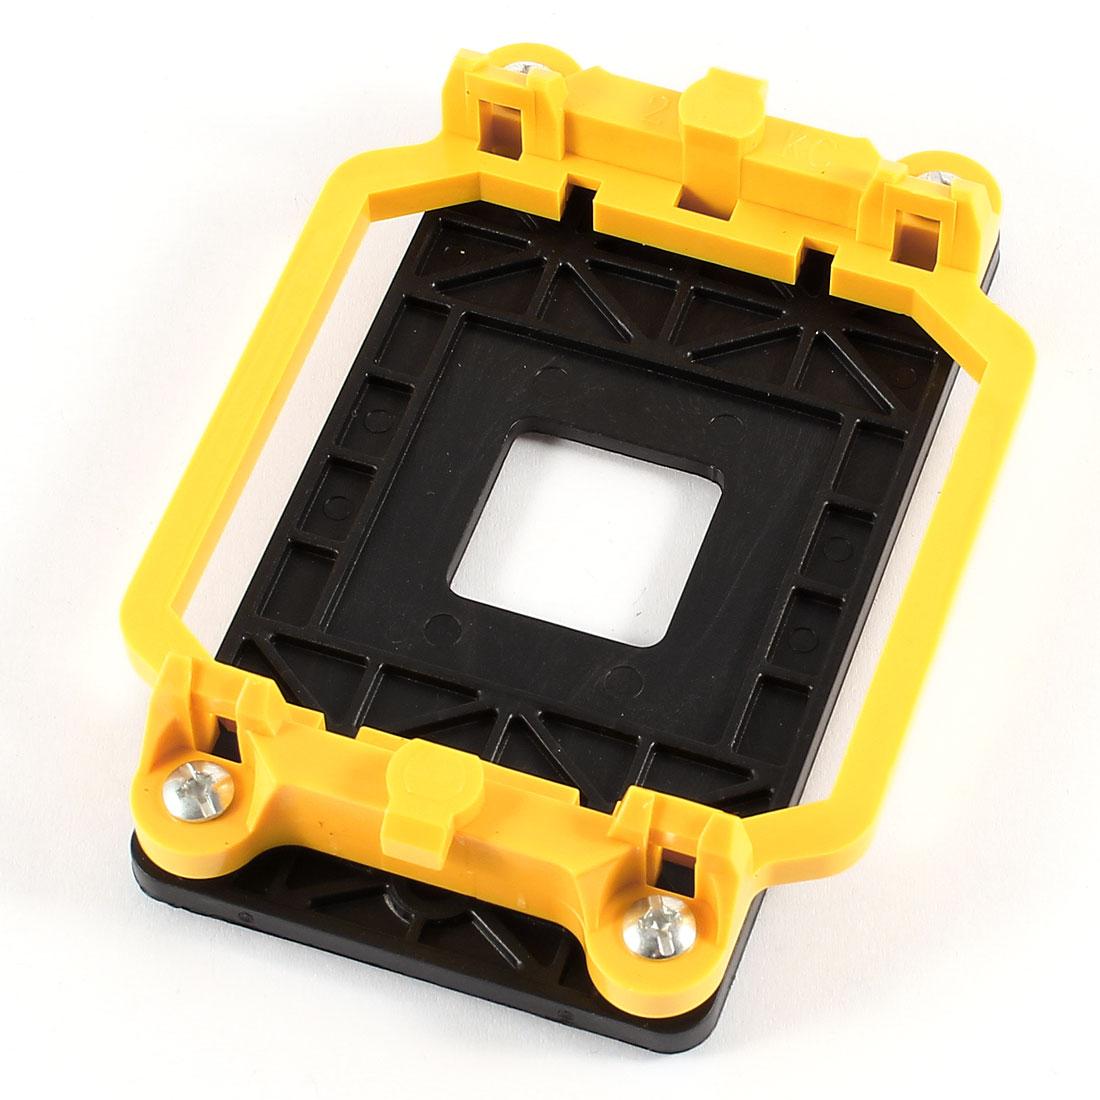 Black Yellow AMD CPU Cooling Fan Heatsink Bracket Holder Base for AM2 940 Socket